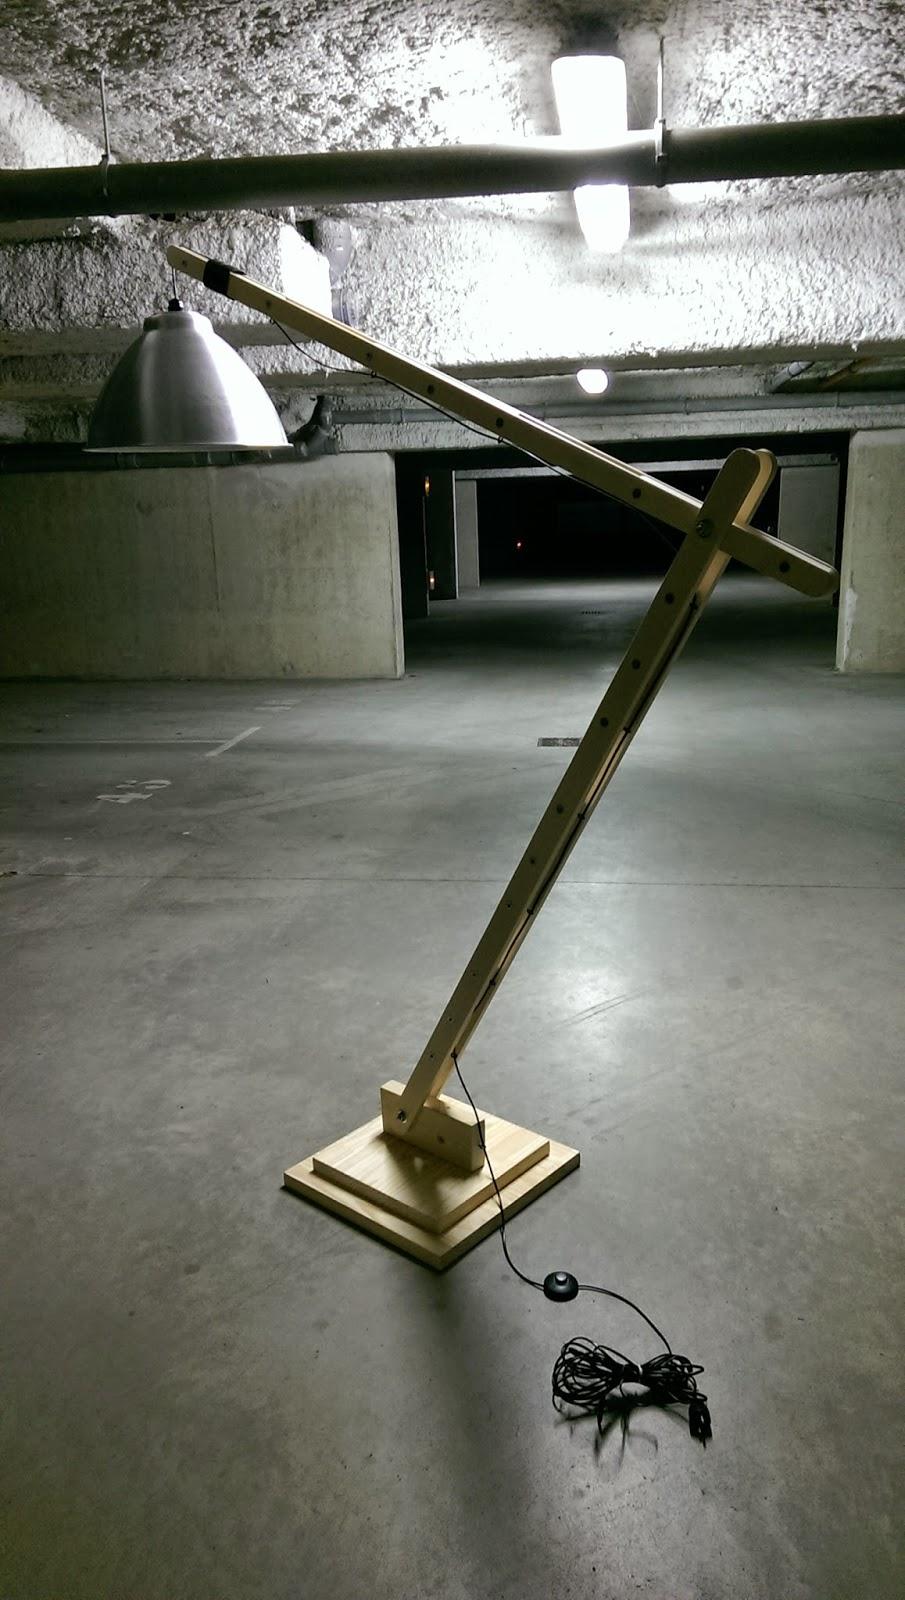 La menuiserie 503 la lampe d 39 architecte g ante en bois - Lampe architecte geante ...